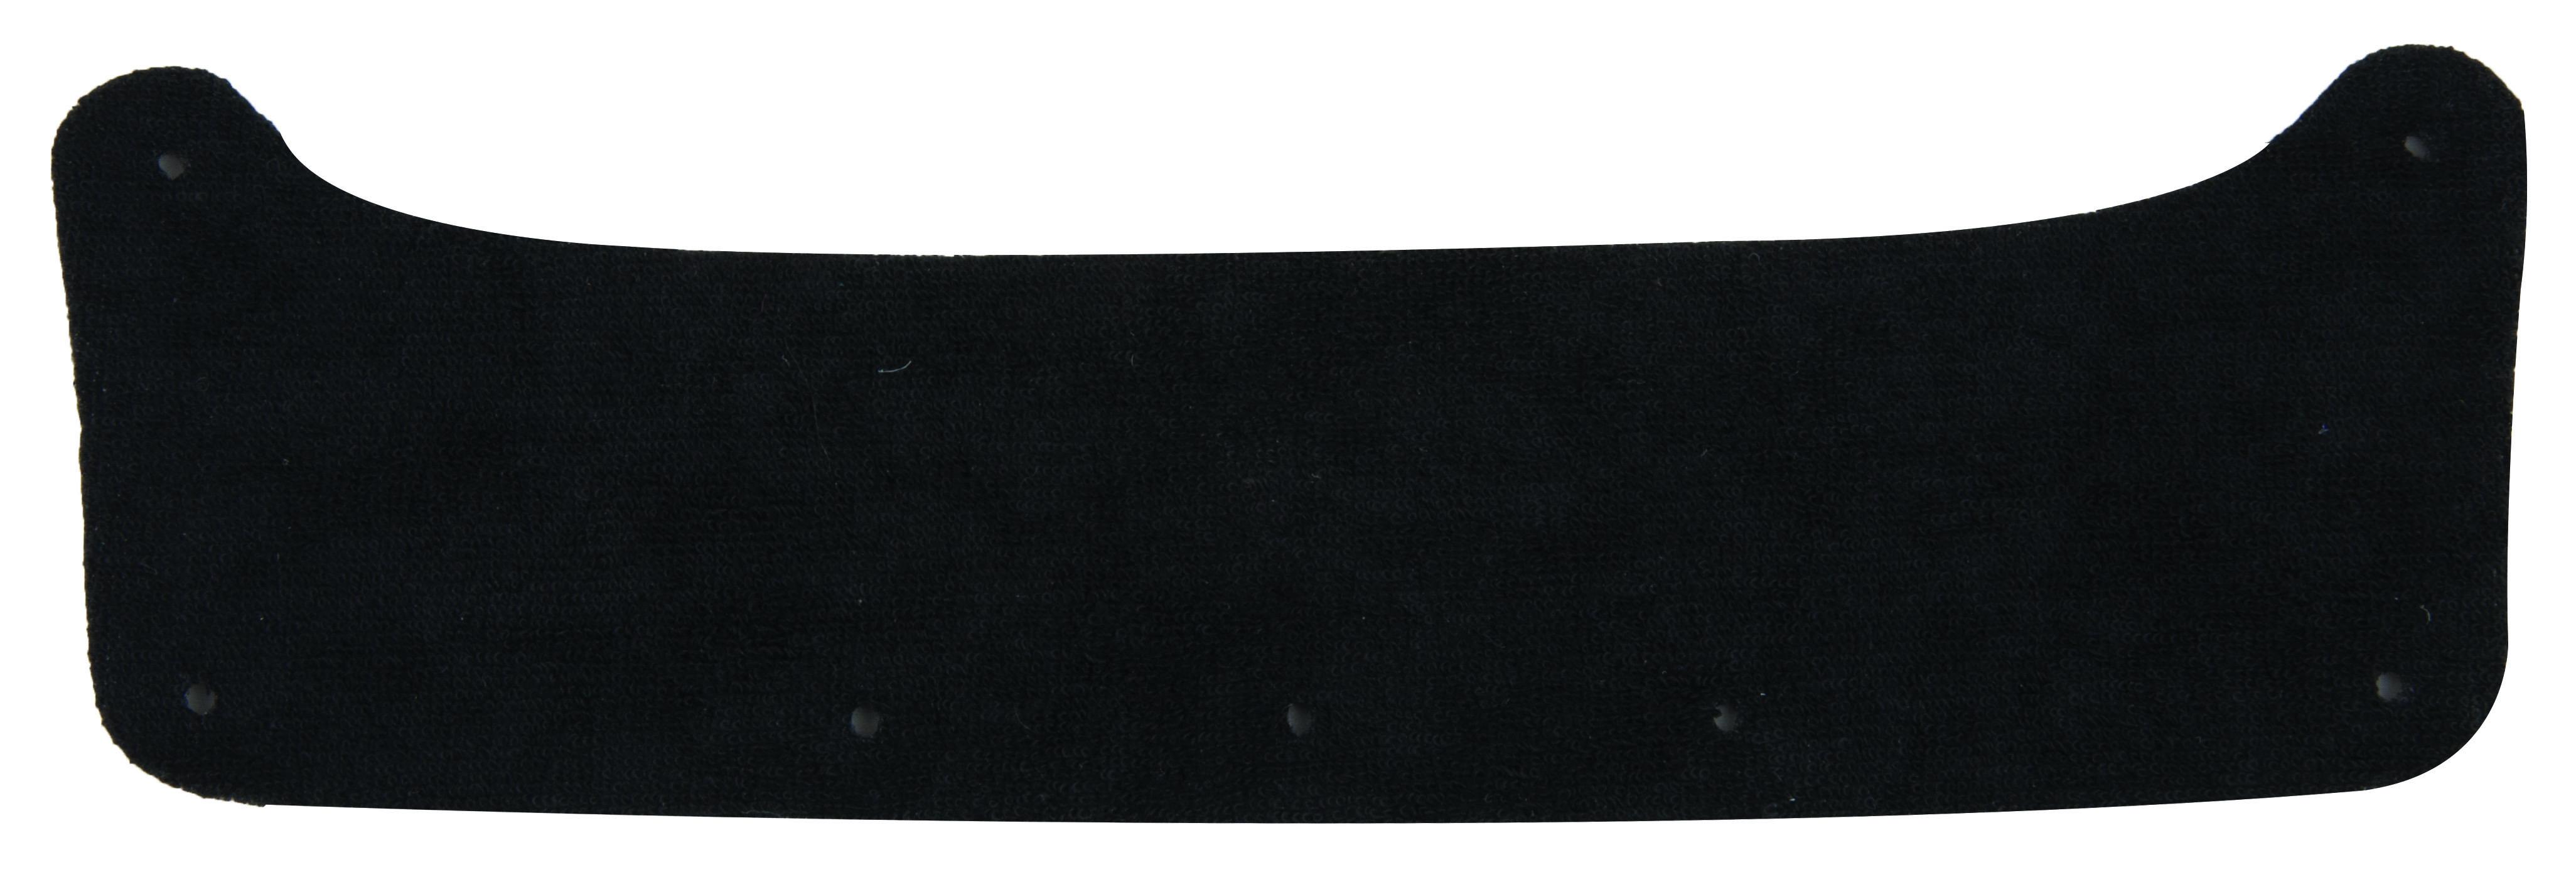 Čelový potní pásek ARDON SH-1-3